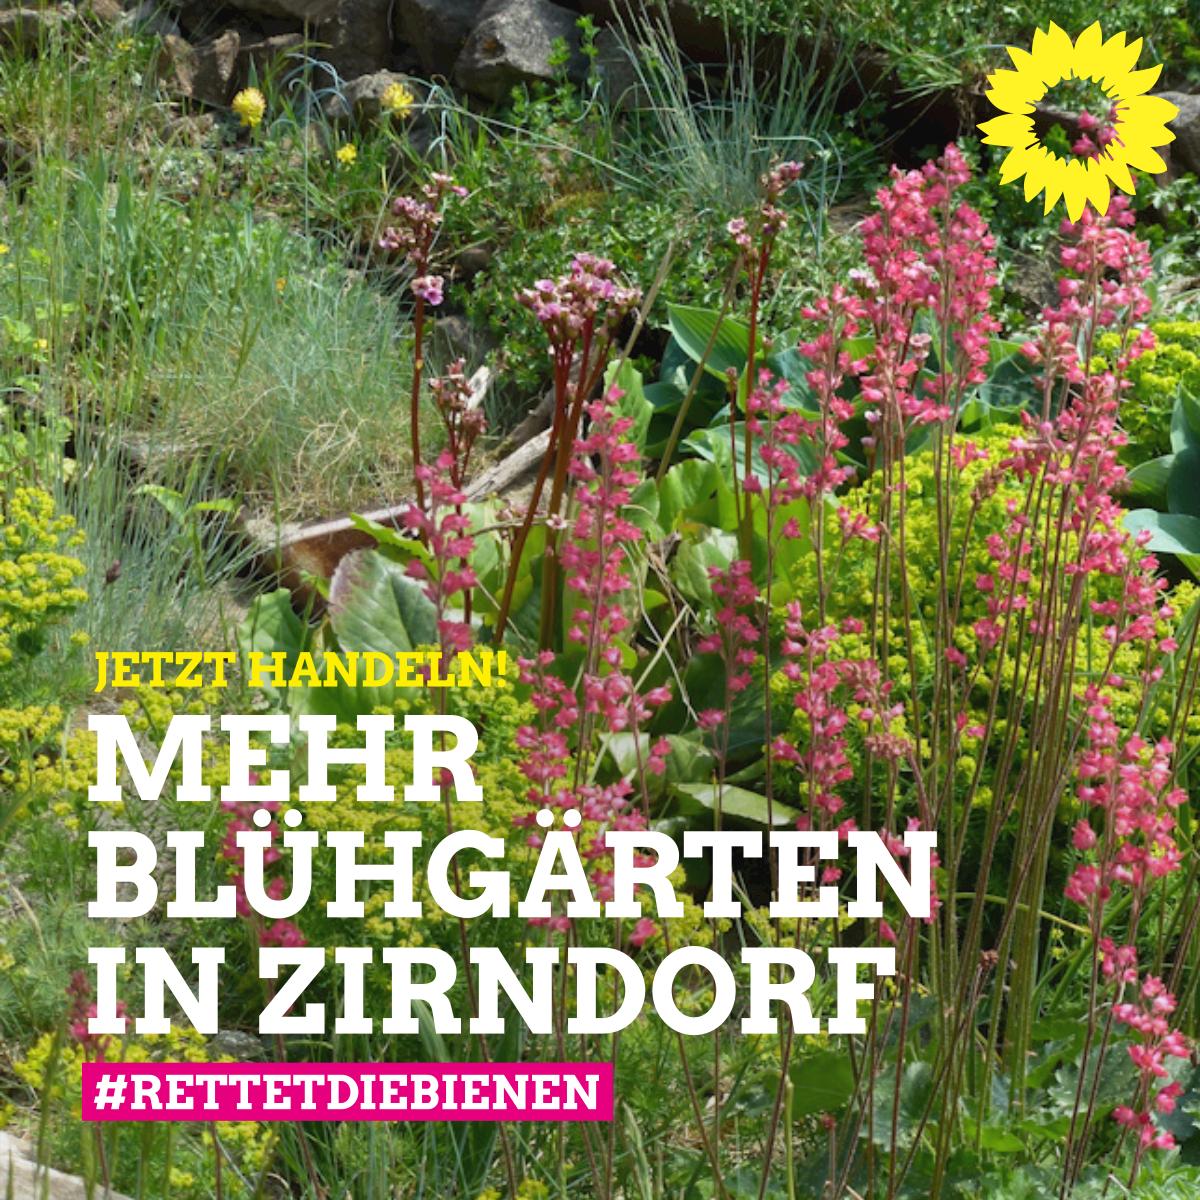 Zirndorfer Grüne wollen mehr Artenvielfalt und weniger Steingärten